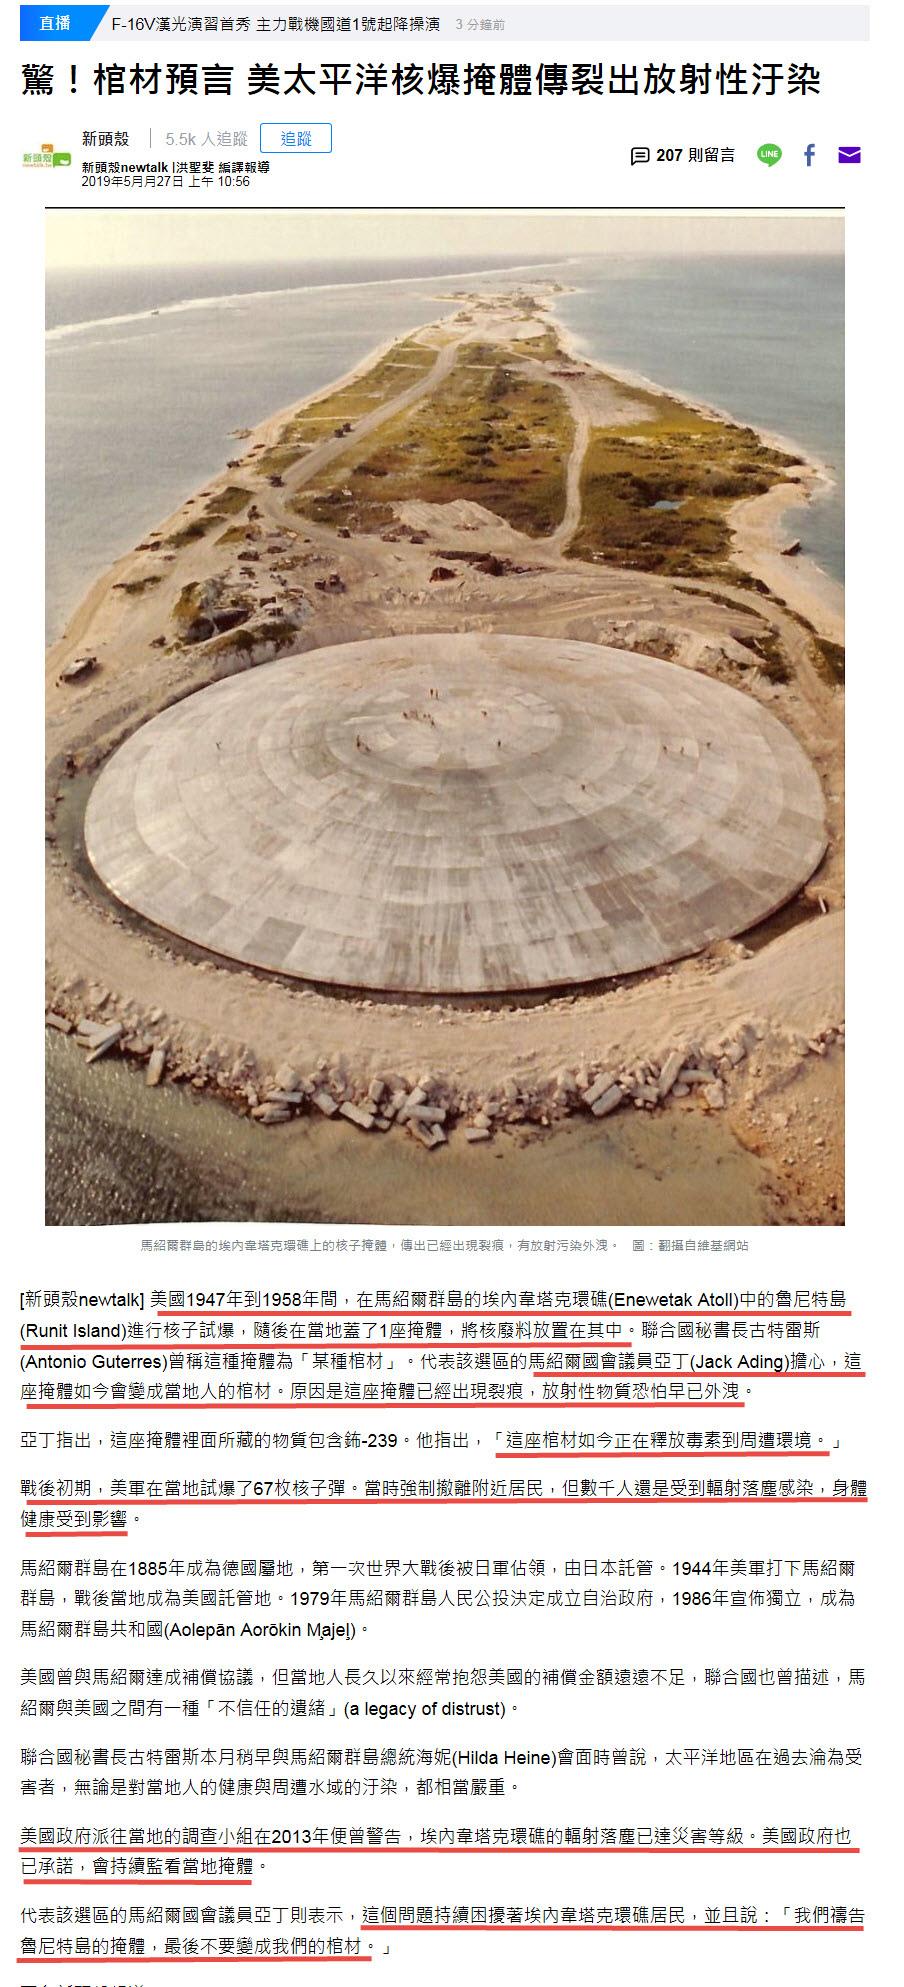 驚!棺材預言 美太平洋核爆掩體傳裂出放射性汙染-2019.05.27.jpg